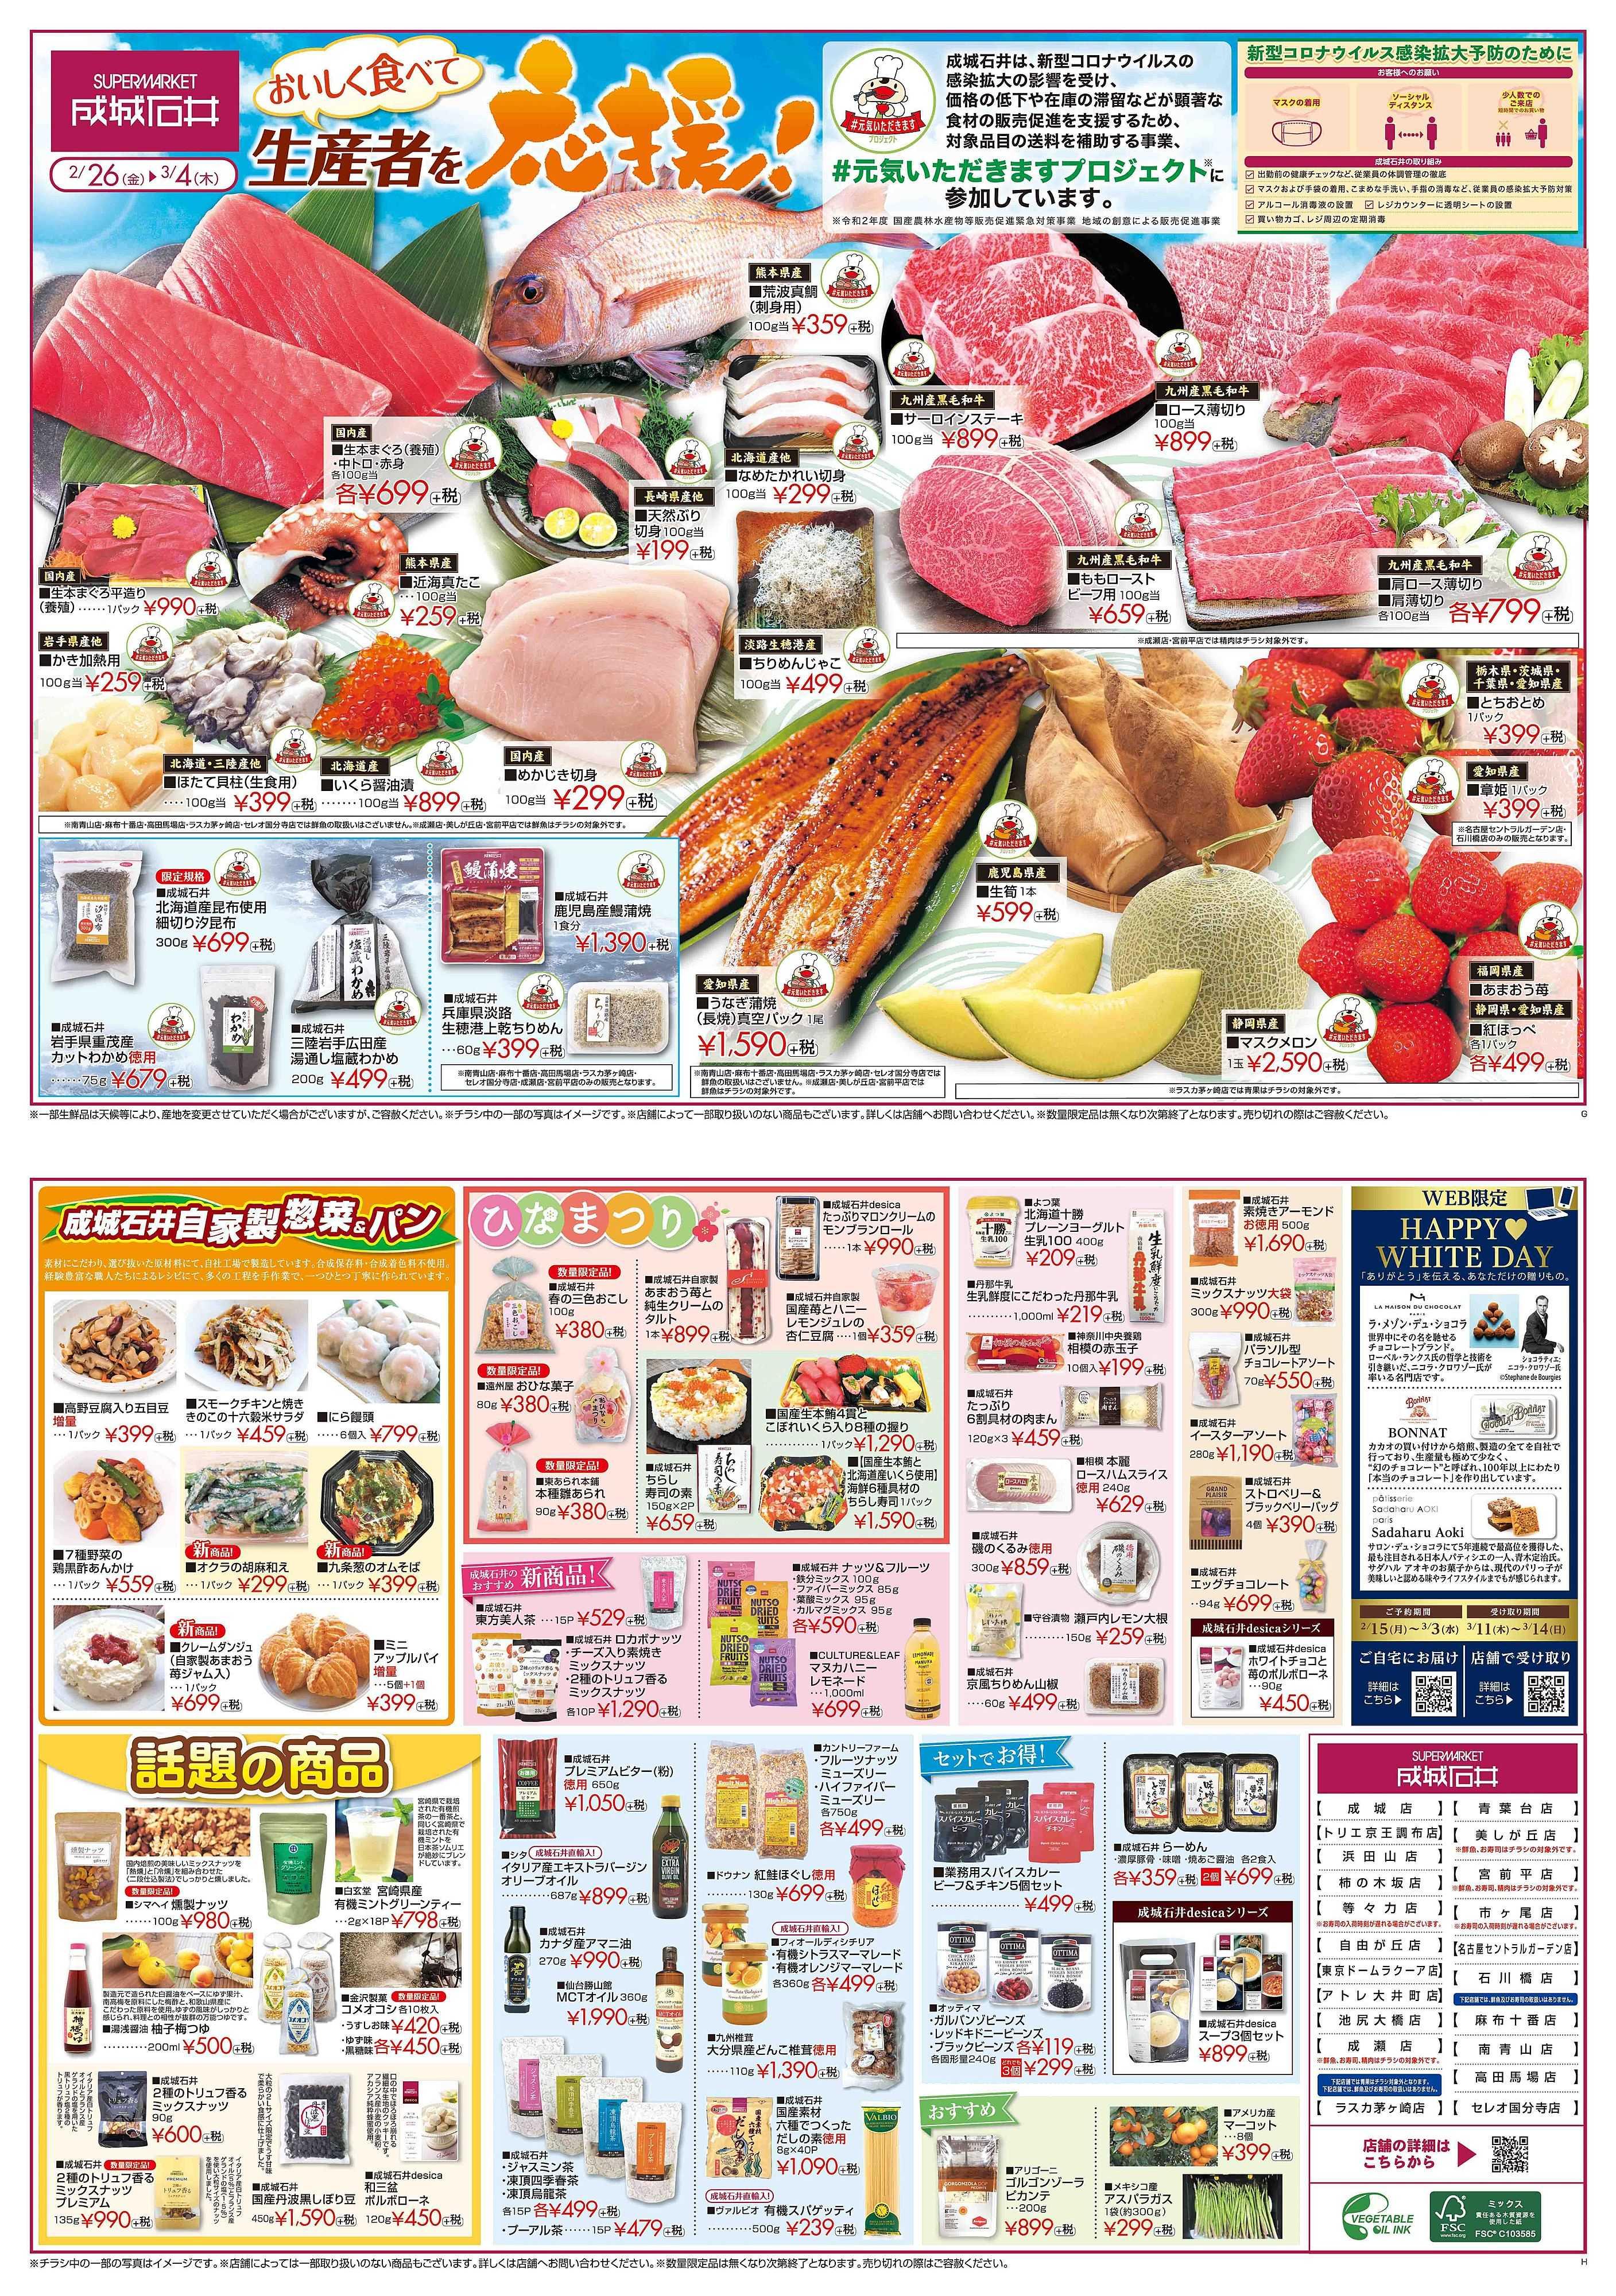 成城石井 『Special Week』生鮮品がお買い得!